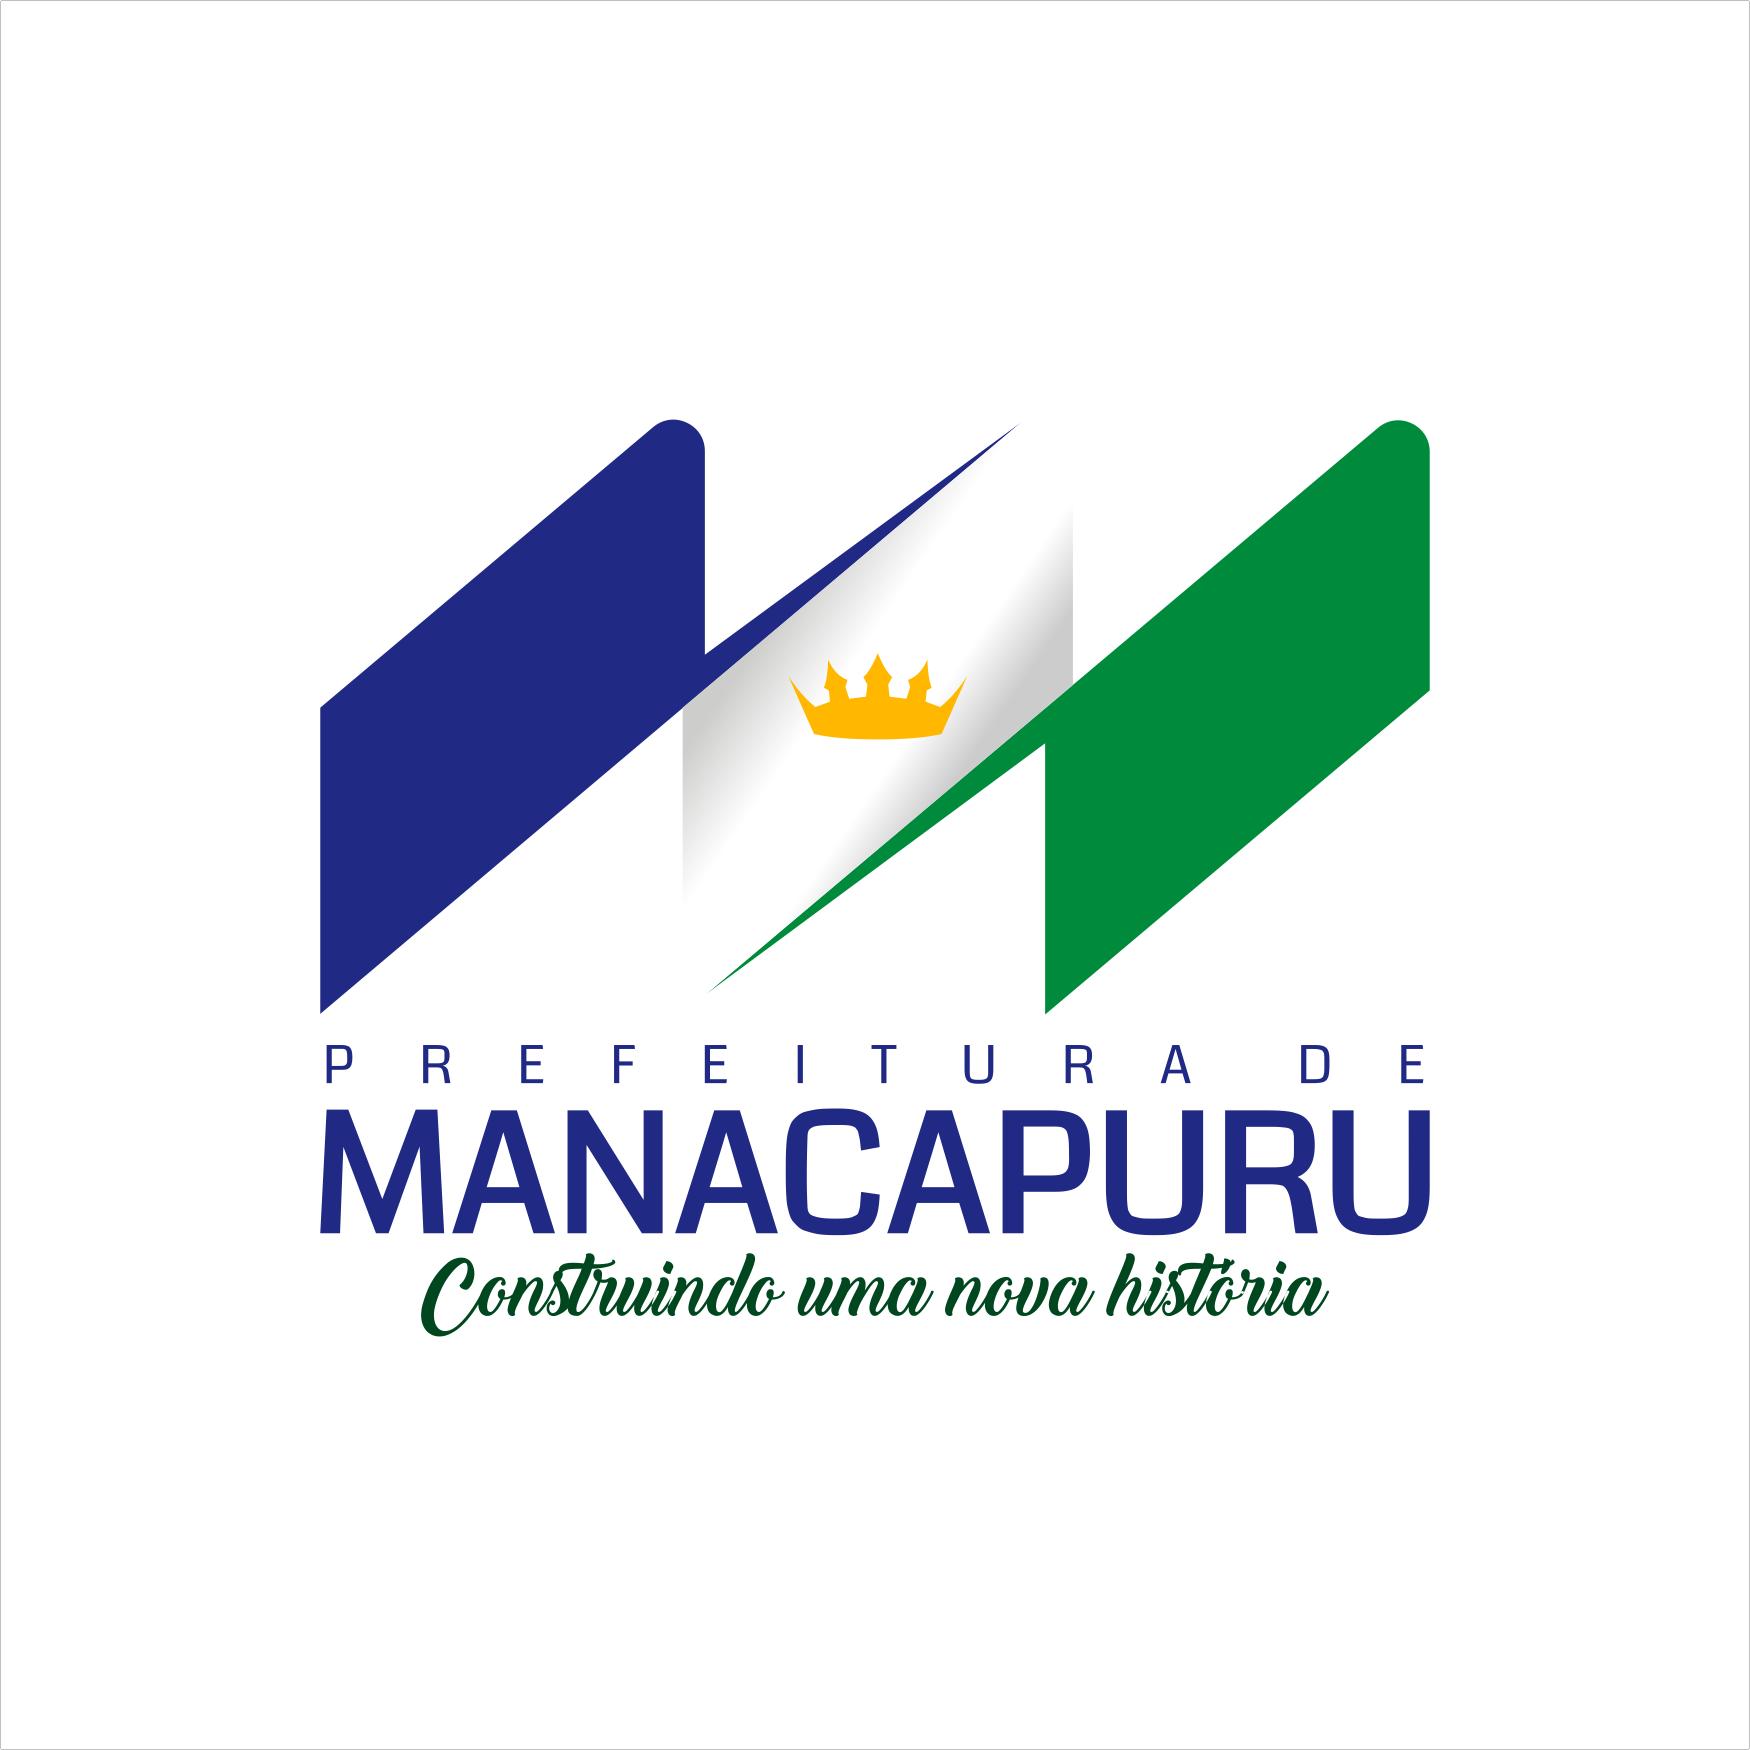 Prefeitura de Manacapuru